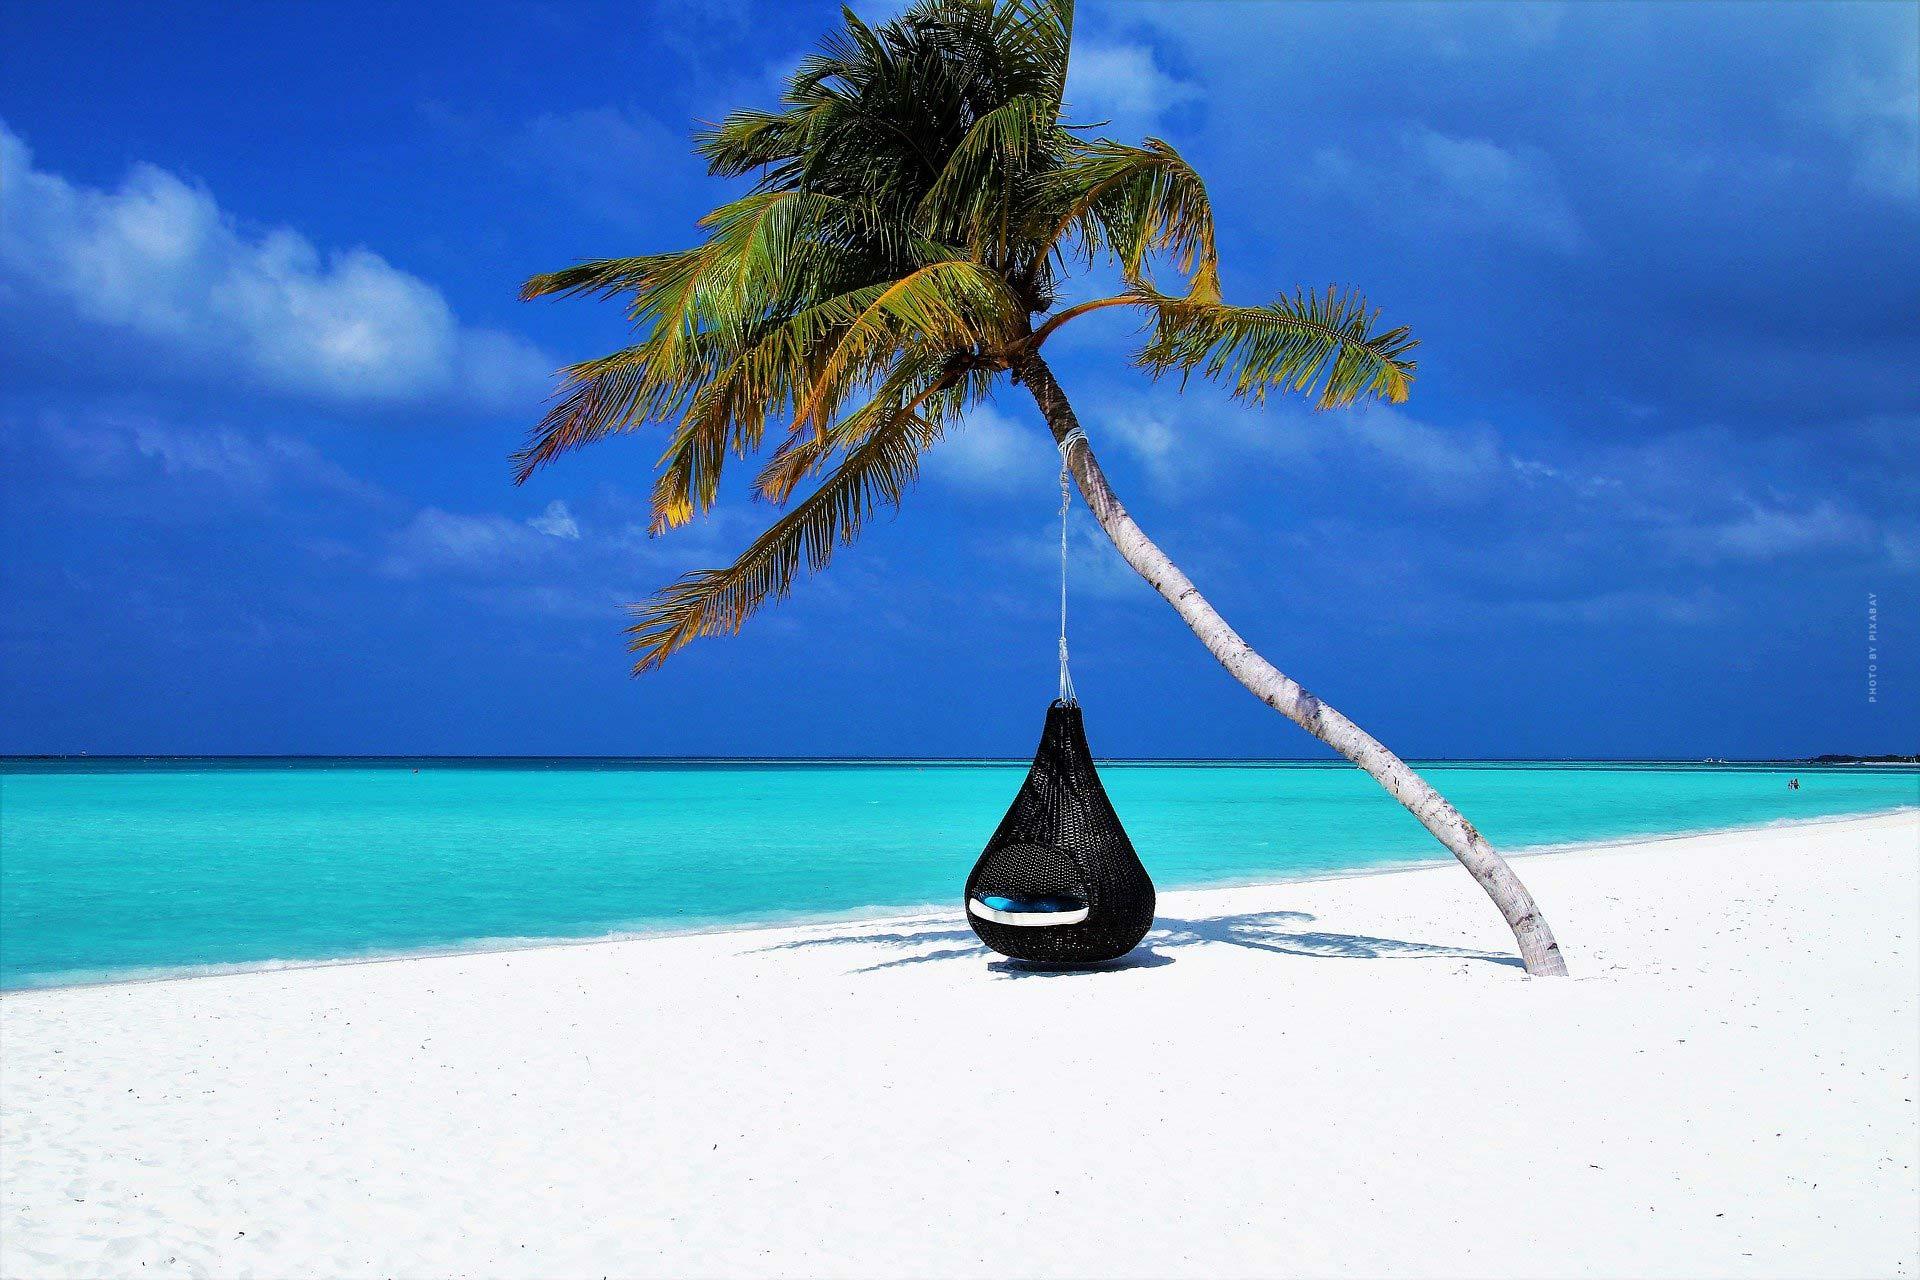 Lista de vacaciones: Lo más importante para el festival, las vacaciones de verano y la mochila.